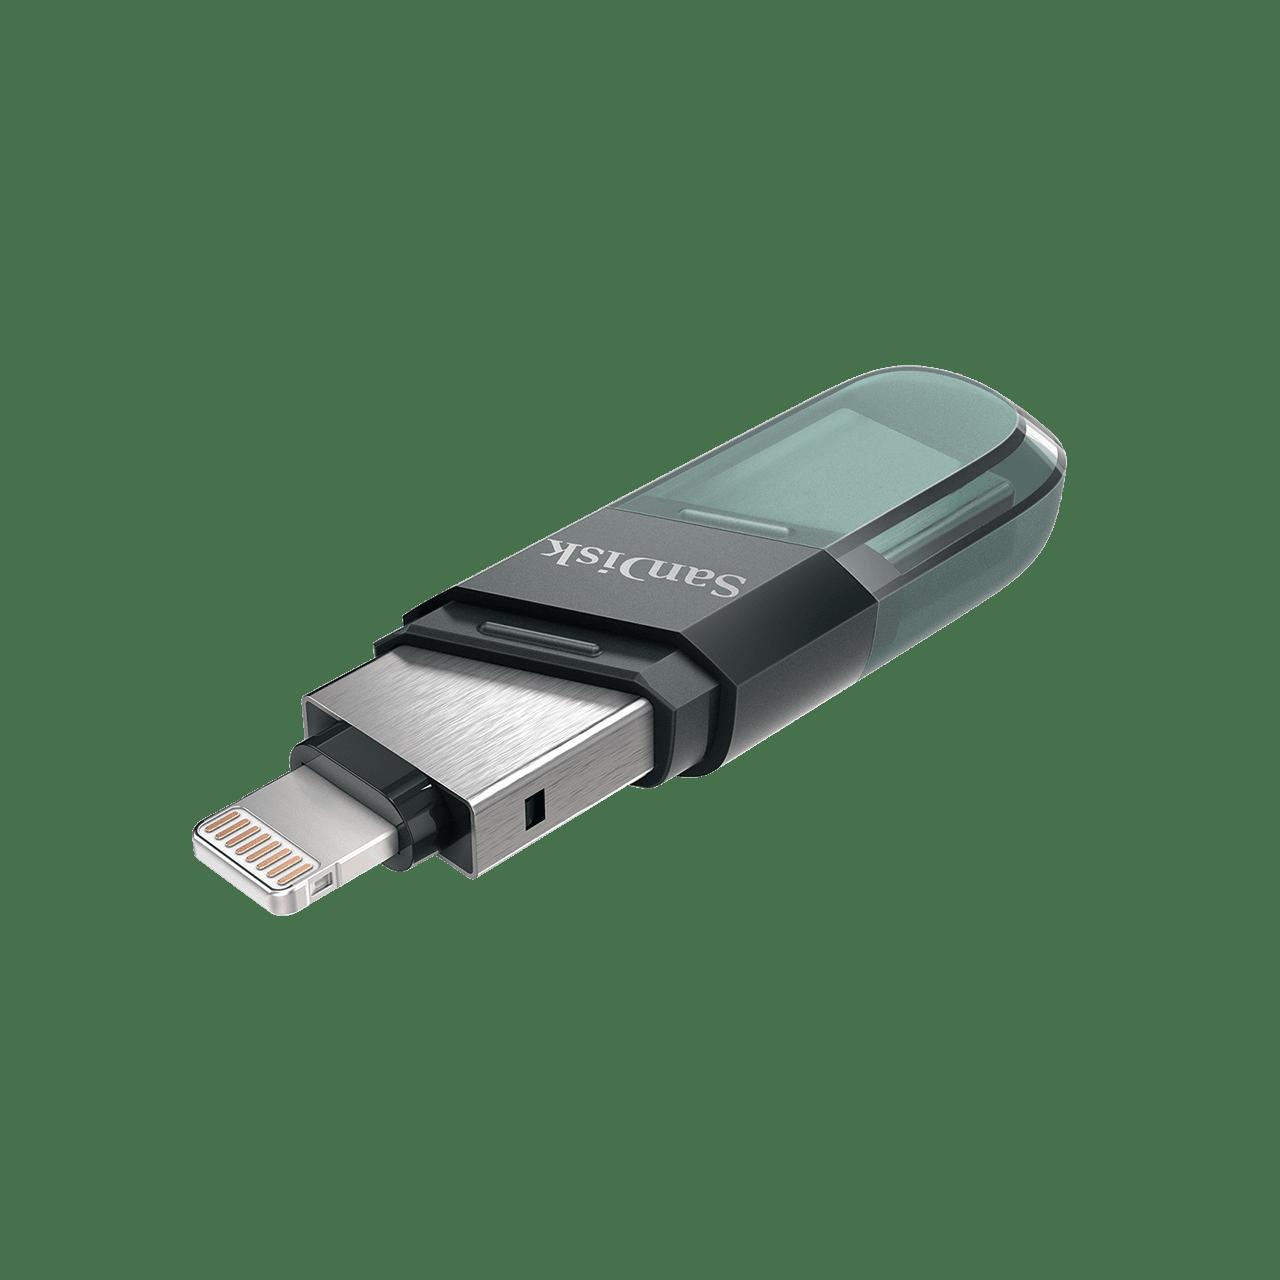 128GB SanDisk iXpand Flash Drive Flip minnessticka